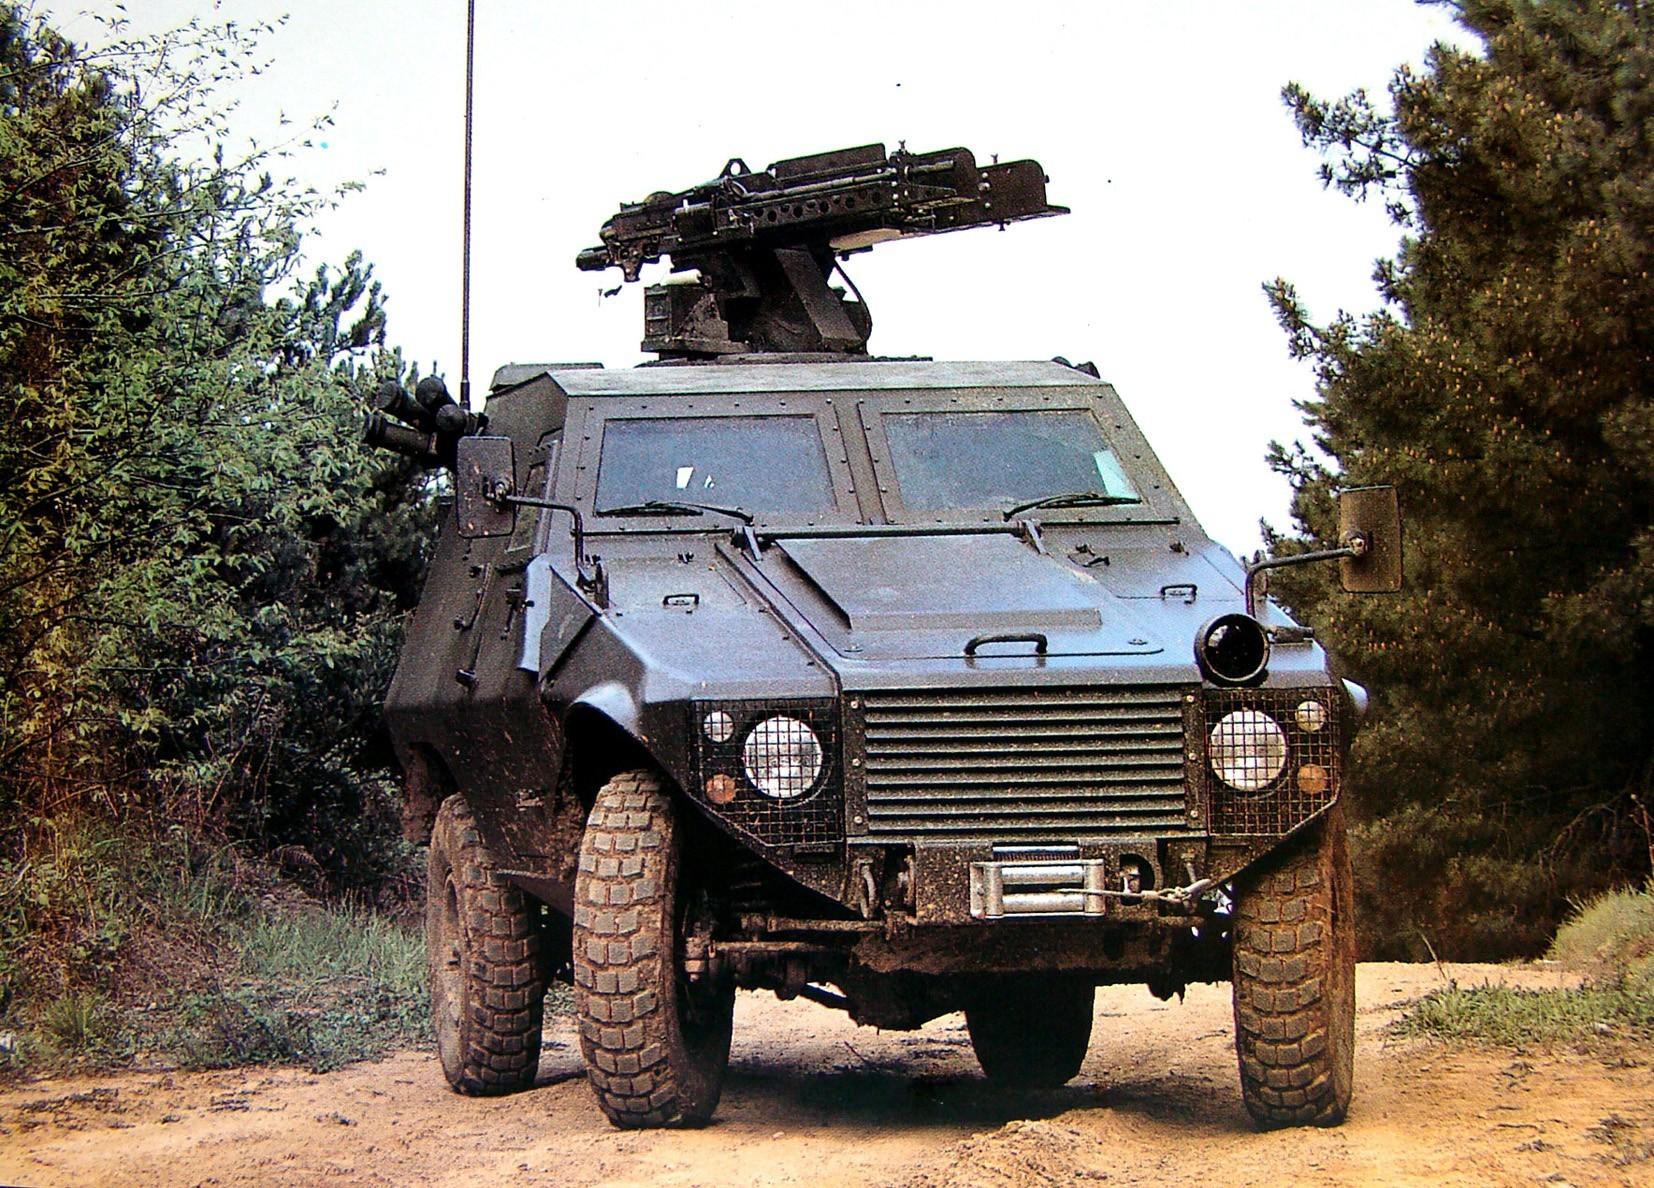 Машина Akrep с дистанционно управляемыми спаренными пулеметами